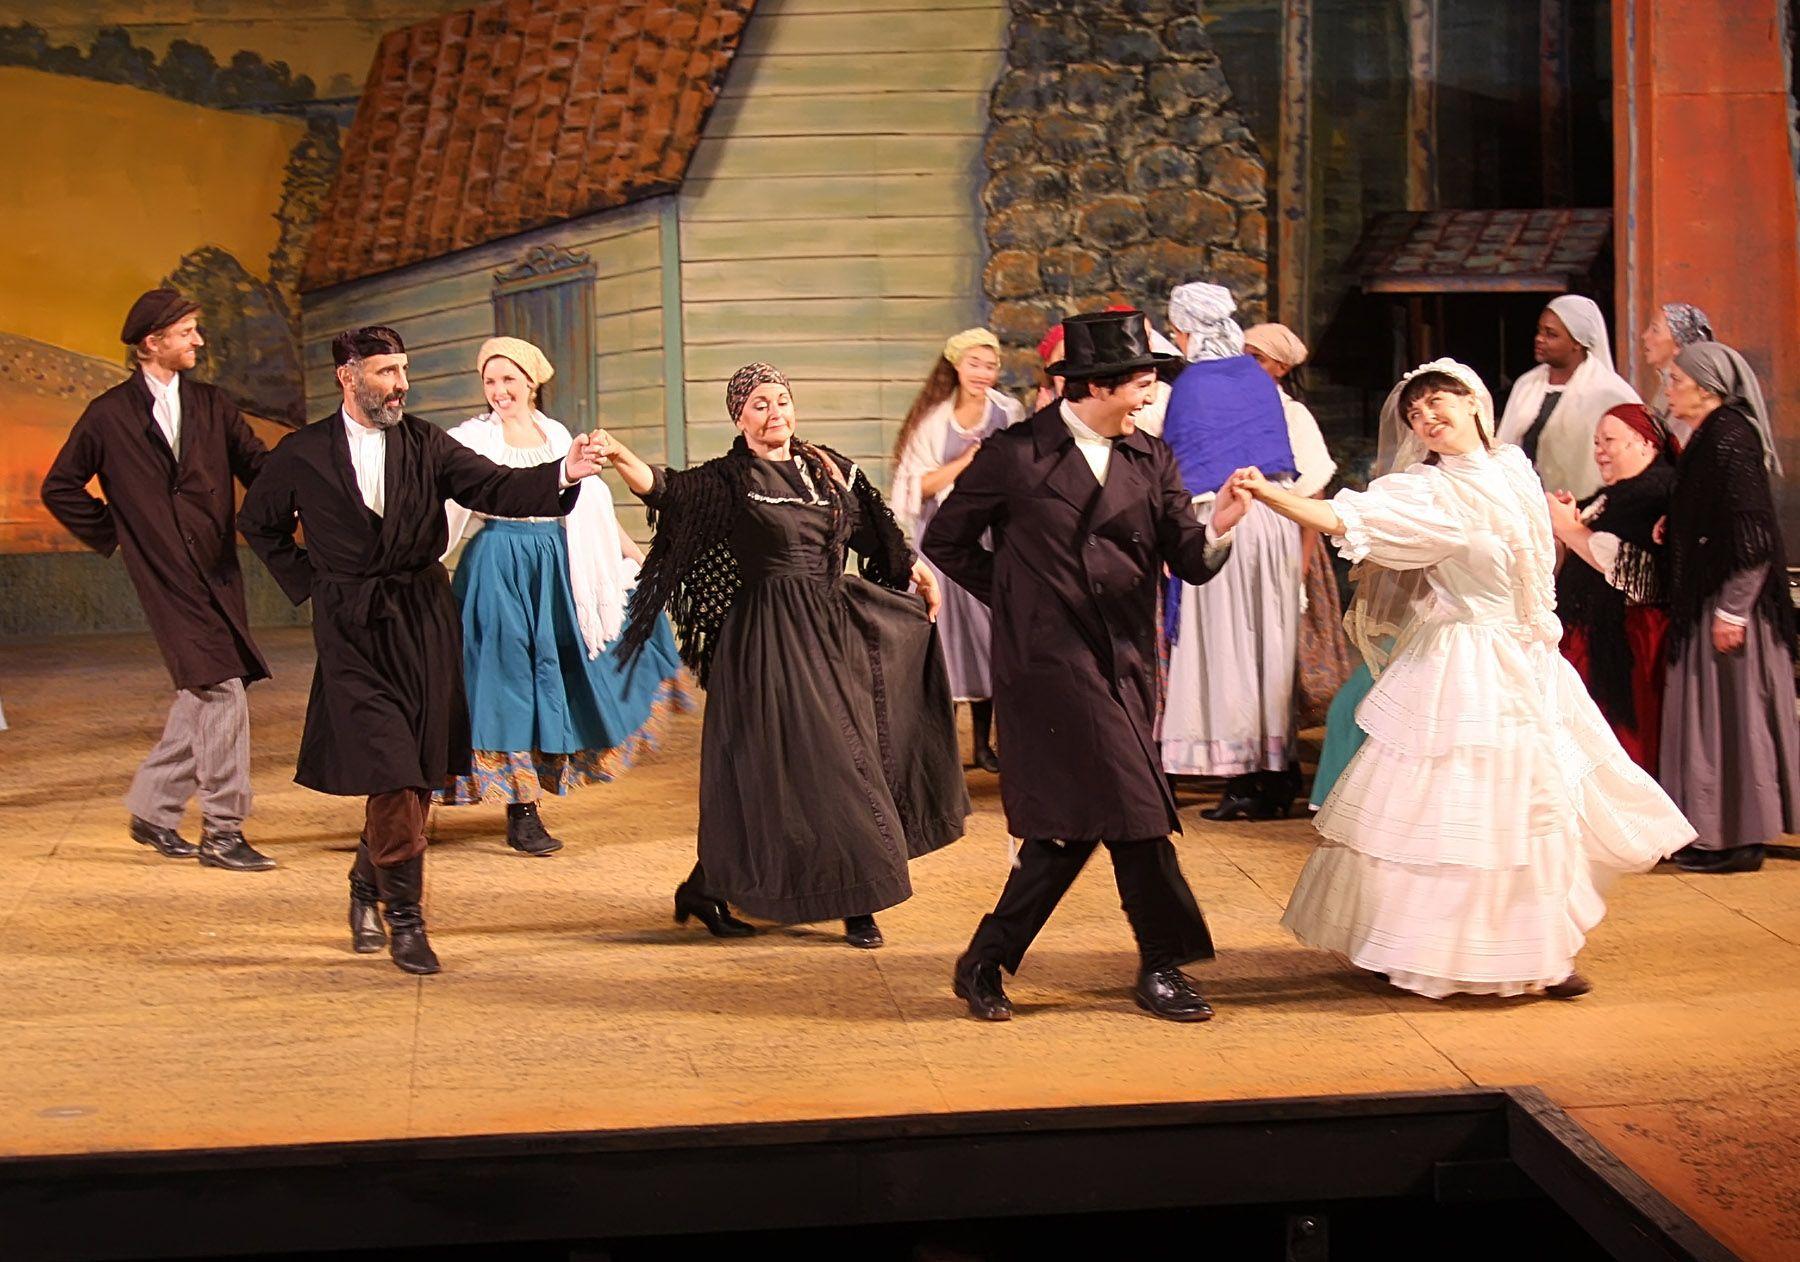 Mr5760 Jpg 1800 1262 Fiddler On The Roof Wedding Dresses Wedding Scene